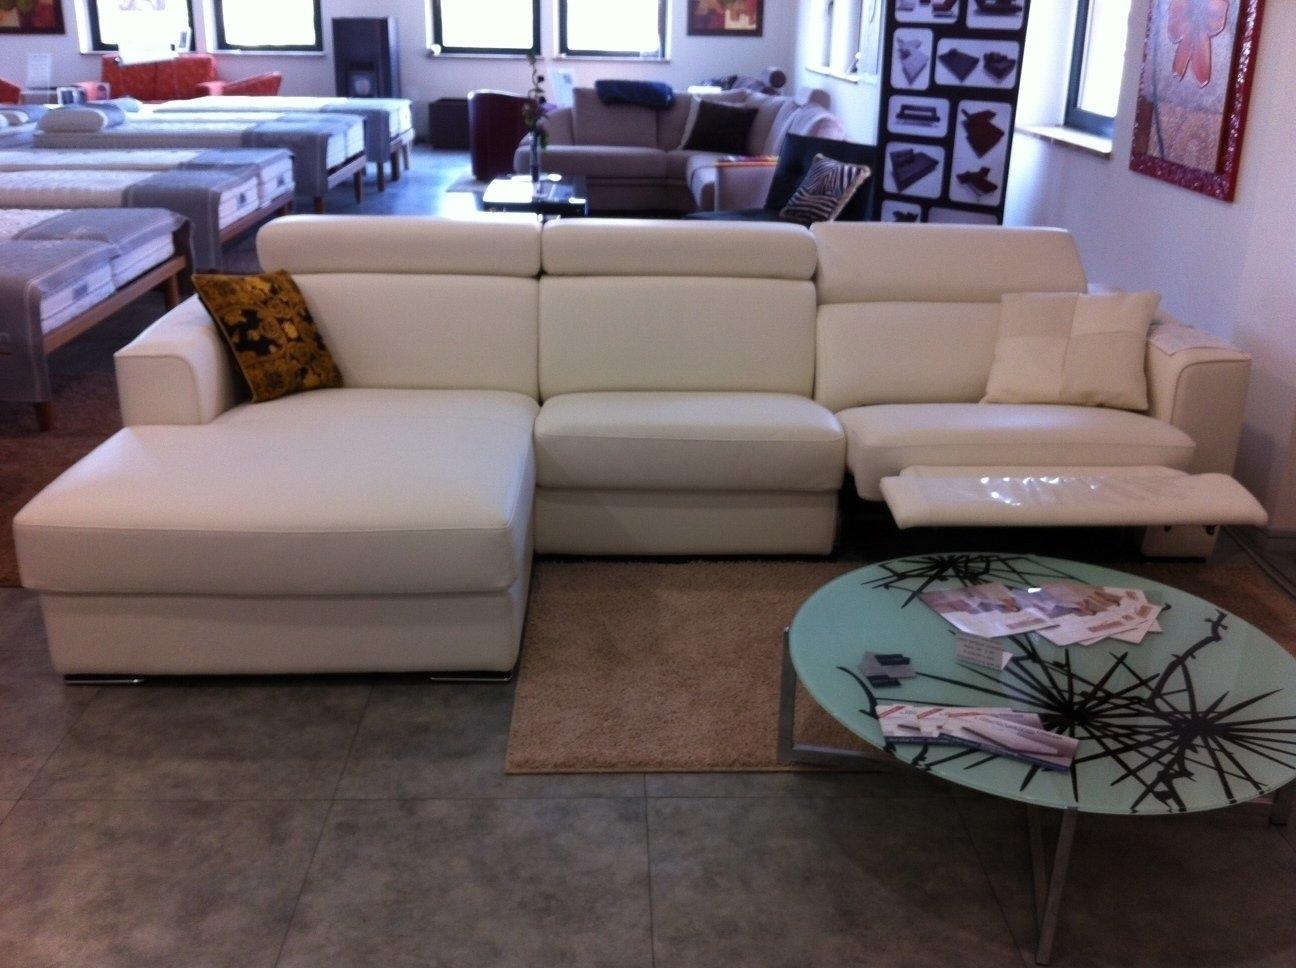 Offerta divano in pelle relax divani a prezzi scontati for Divani e divani poltrone relax prezzi